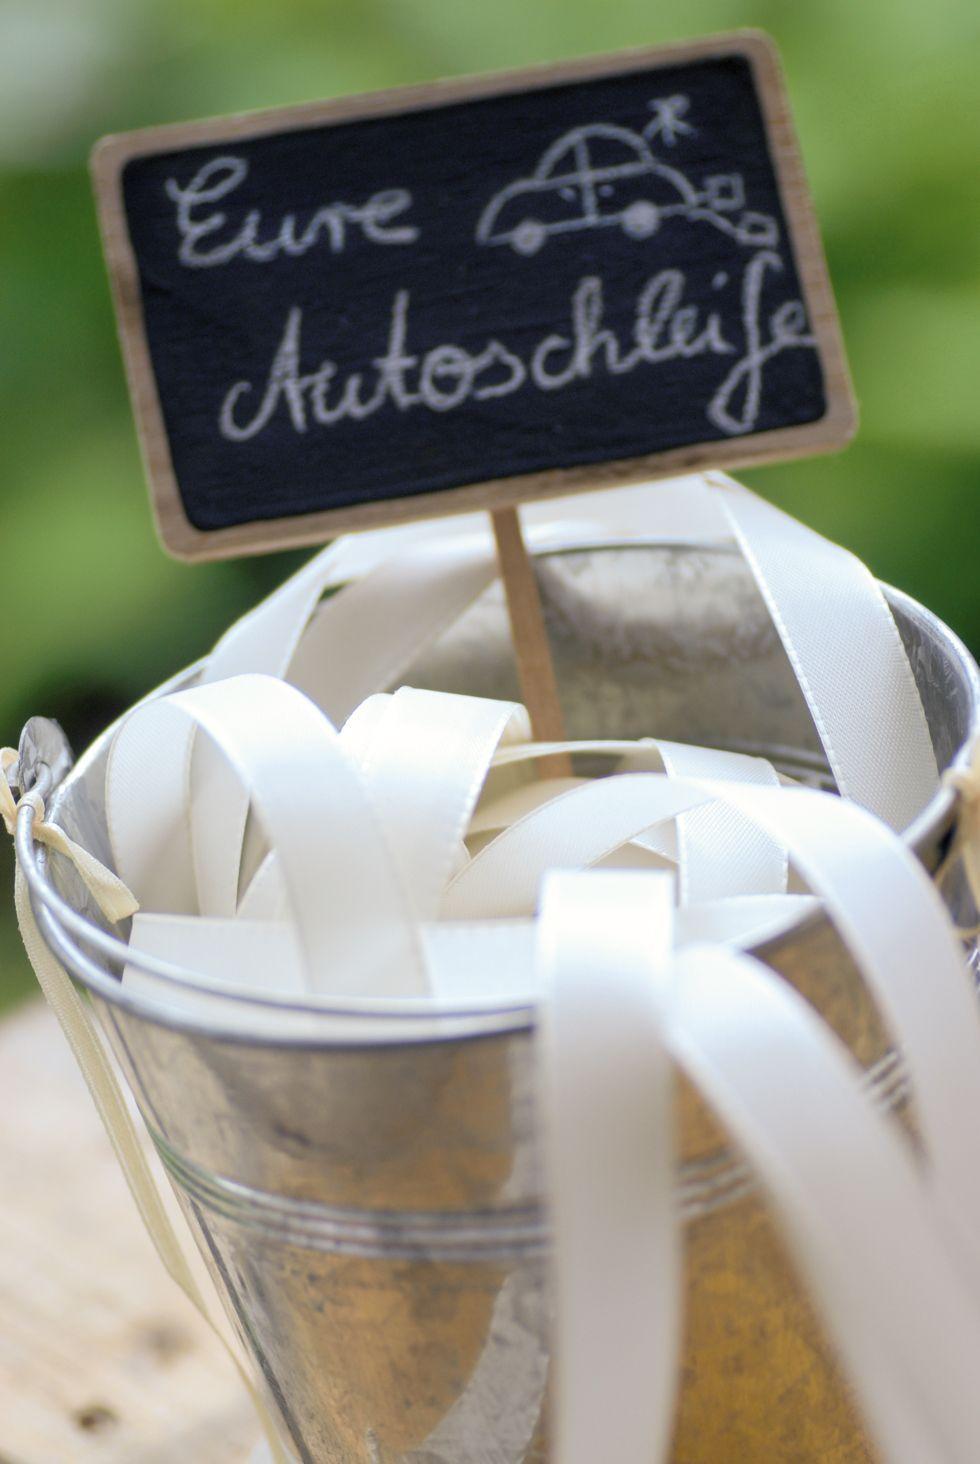 Schone Autoschleifen Zur Hochzeit Basteln So Geht Es Ganz Einfach Autoschleifen Karte Hochzeit Hochzeit Auto